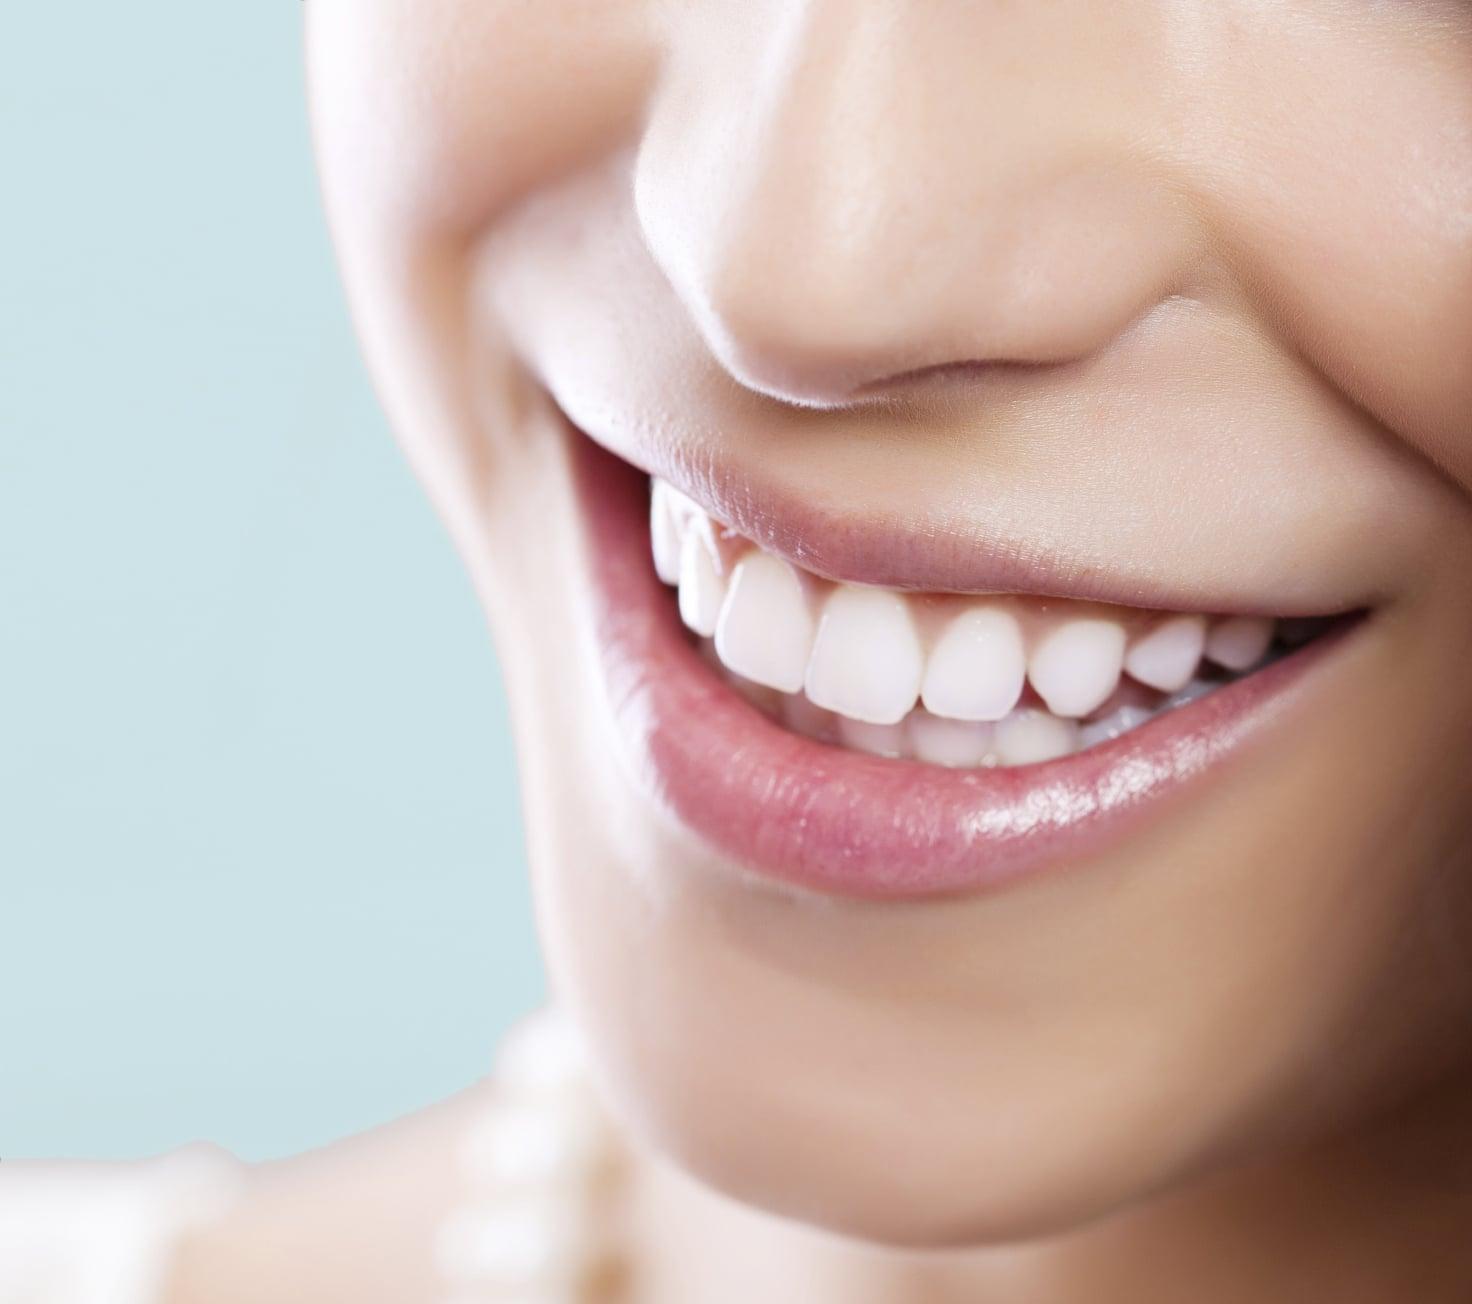 Làm thế nào để tẩy trắng răng hiệu quả khi đang niềng răng?